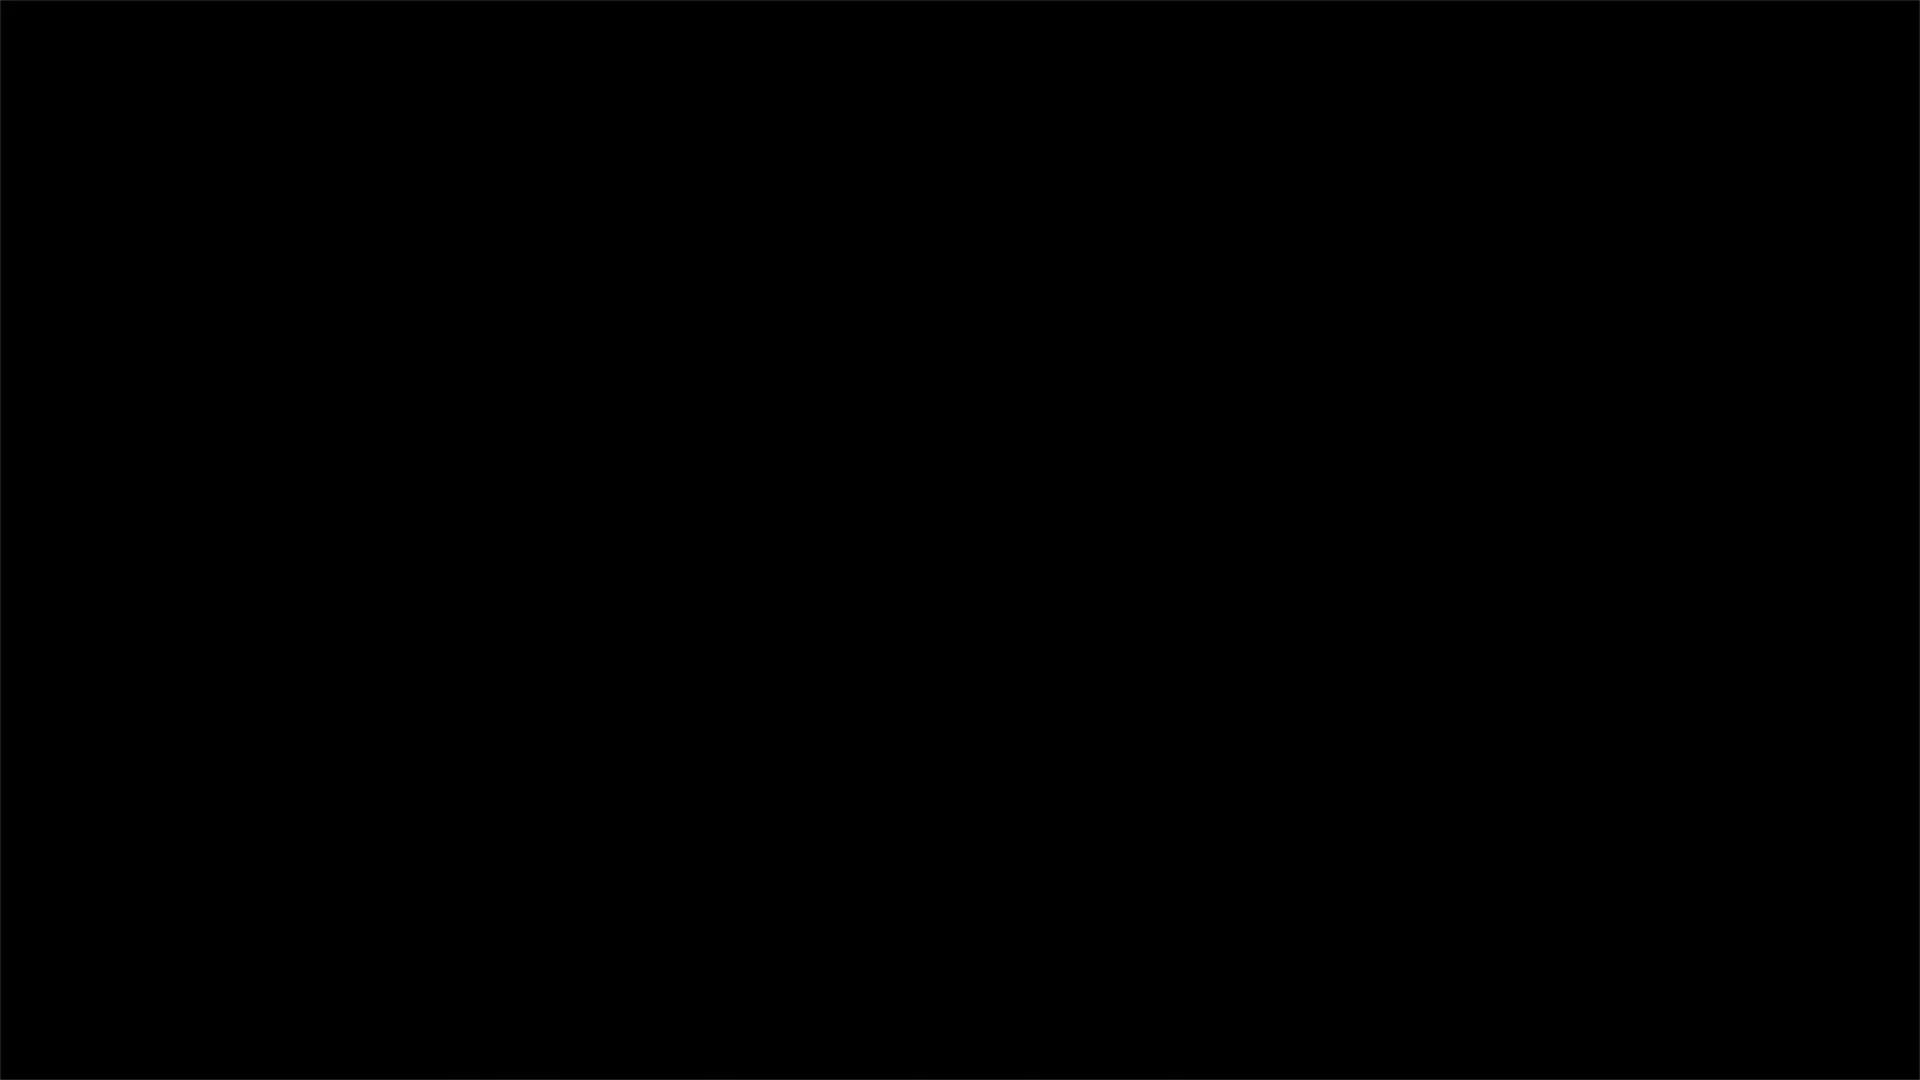 ไมโครไฟเบอร์เทอร์รี่ผ้าเช็ดตัว 80 โพลีเอสเตอร์ 20 สังเคราะห์ผ้าไมโครไฟเบอร์